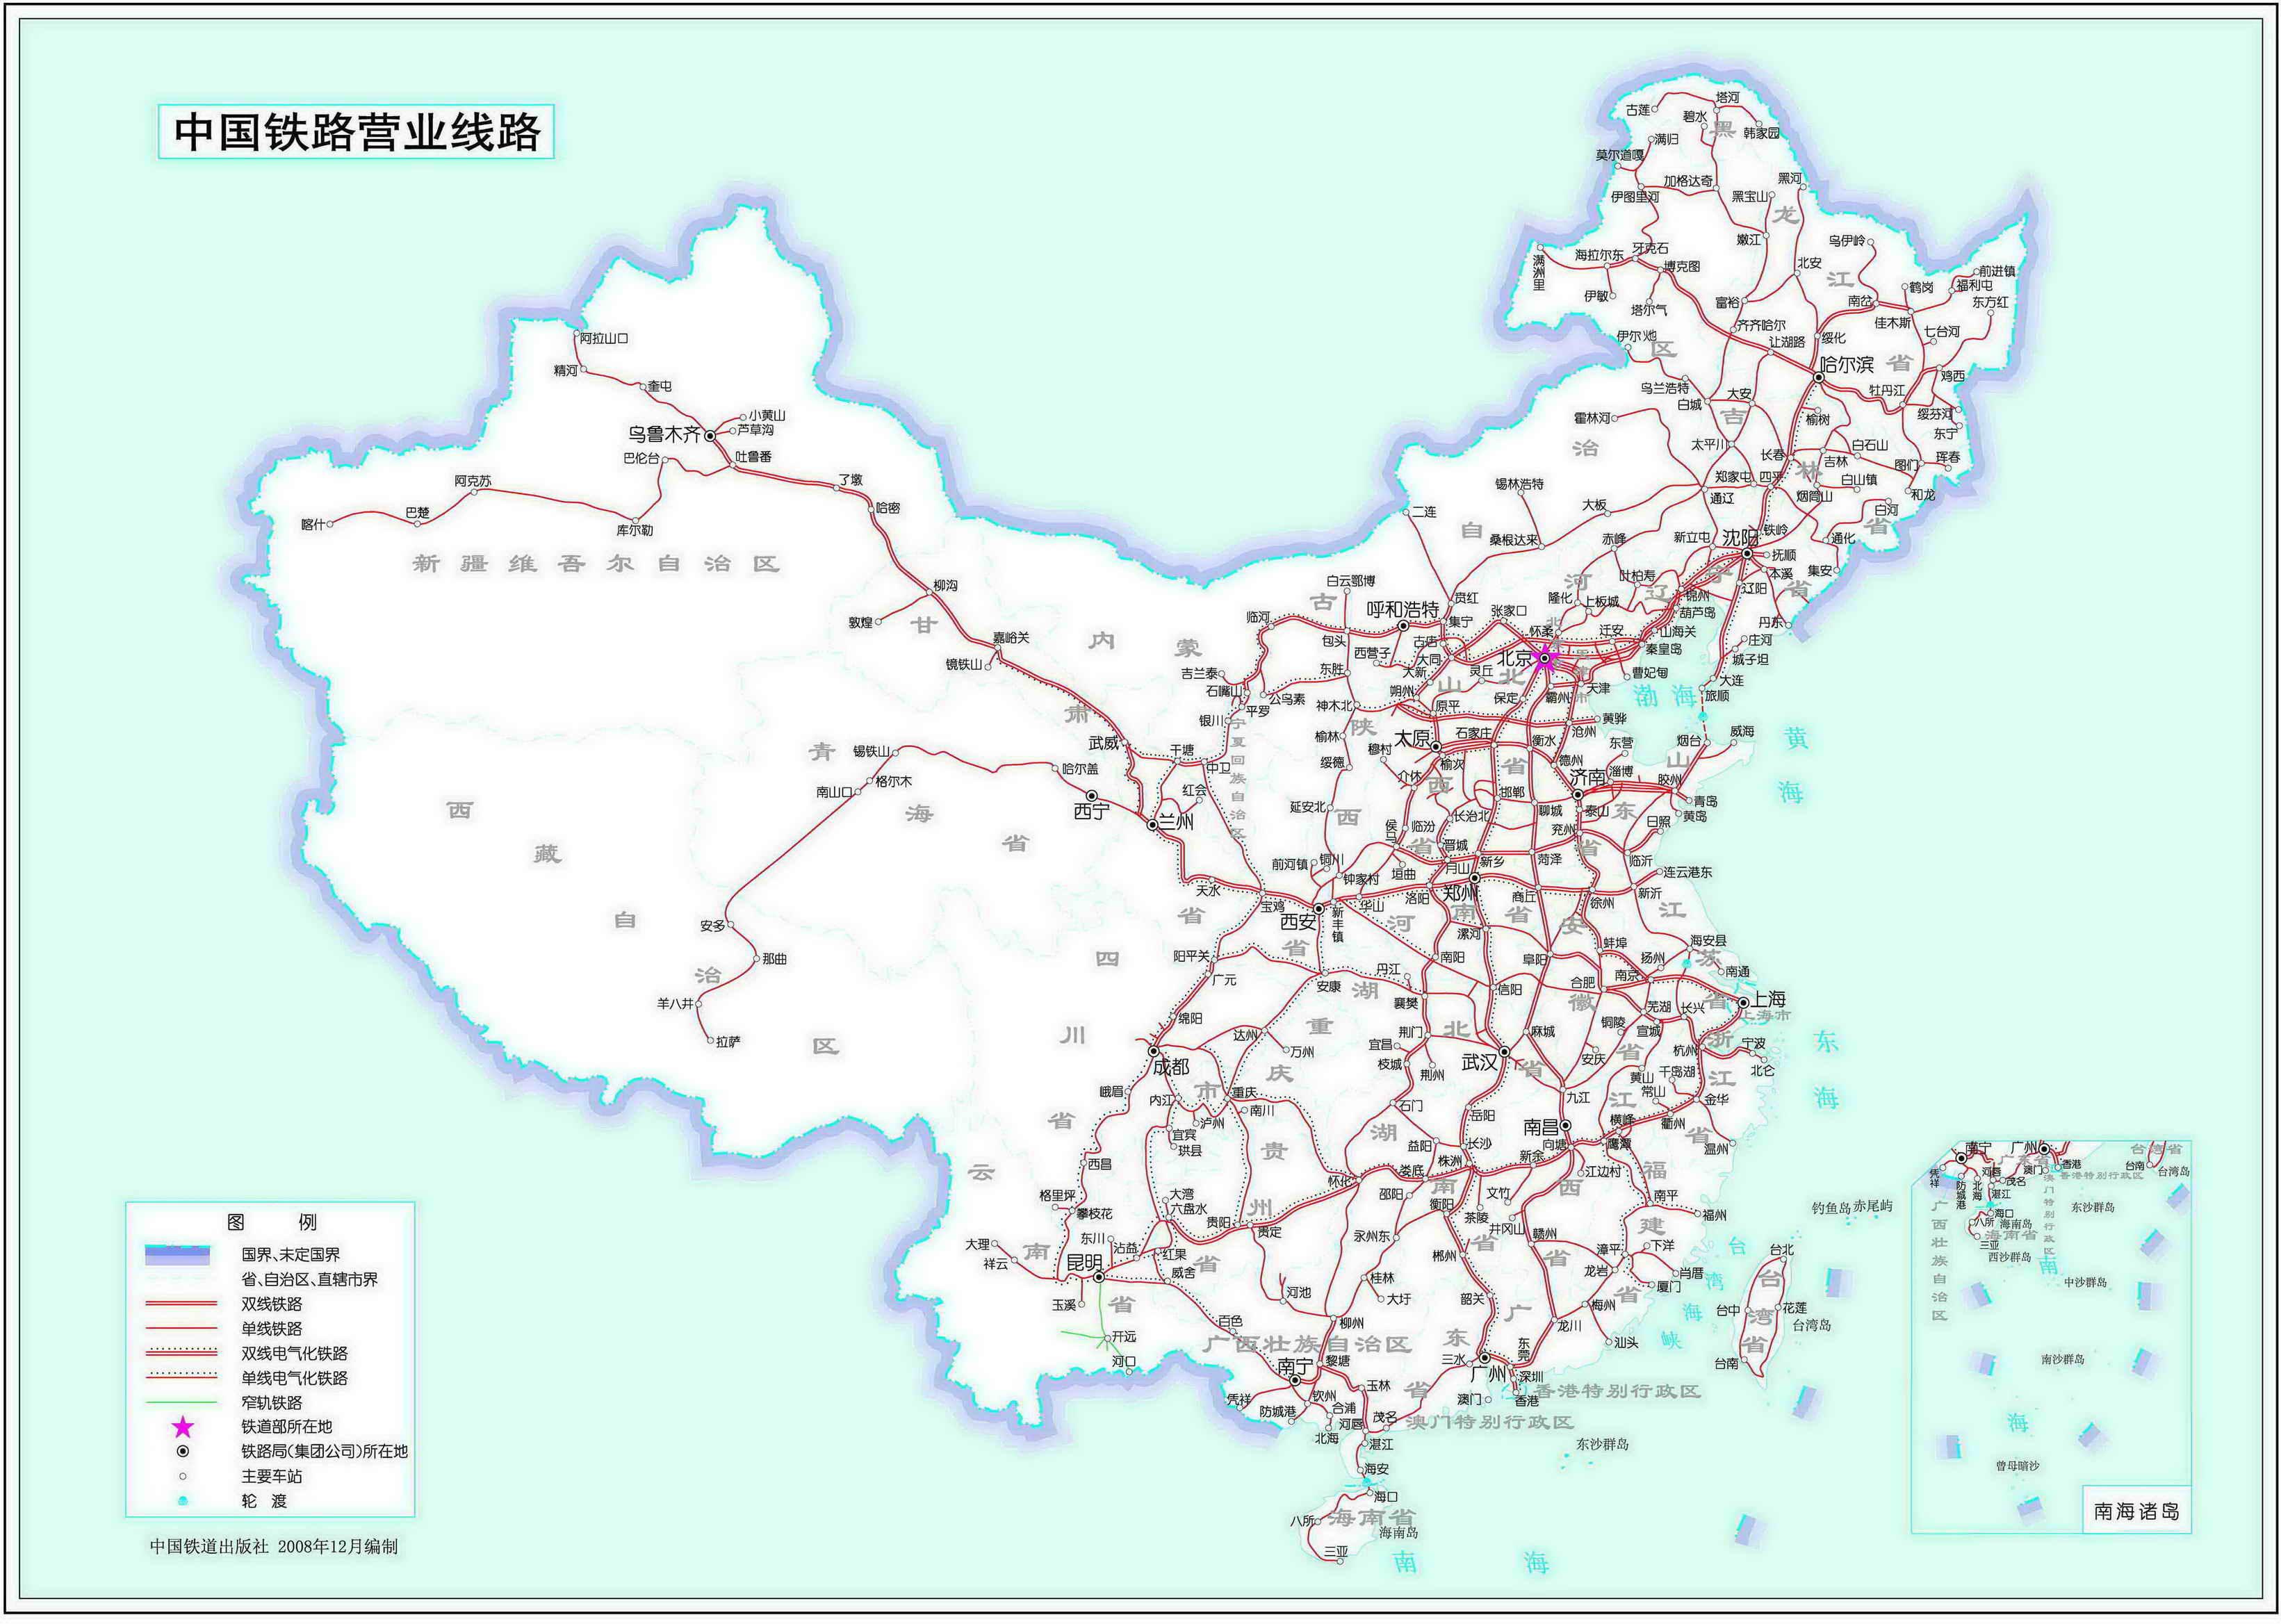 全国铁路线路图